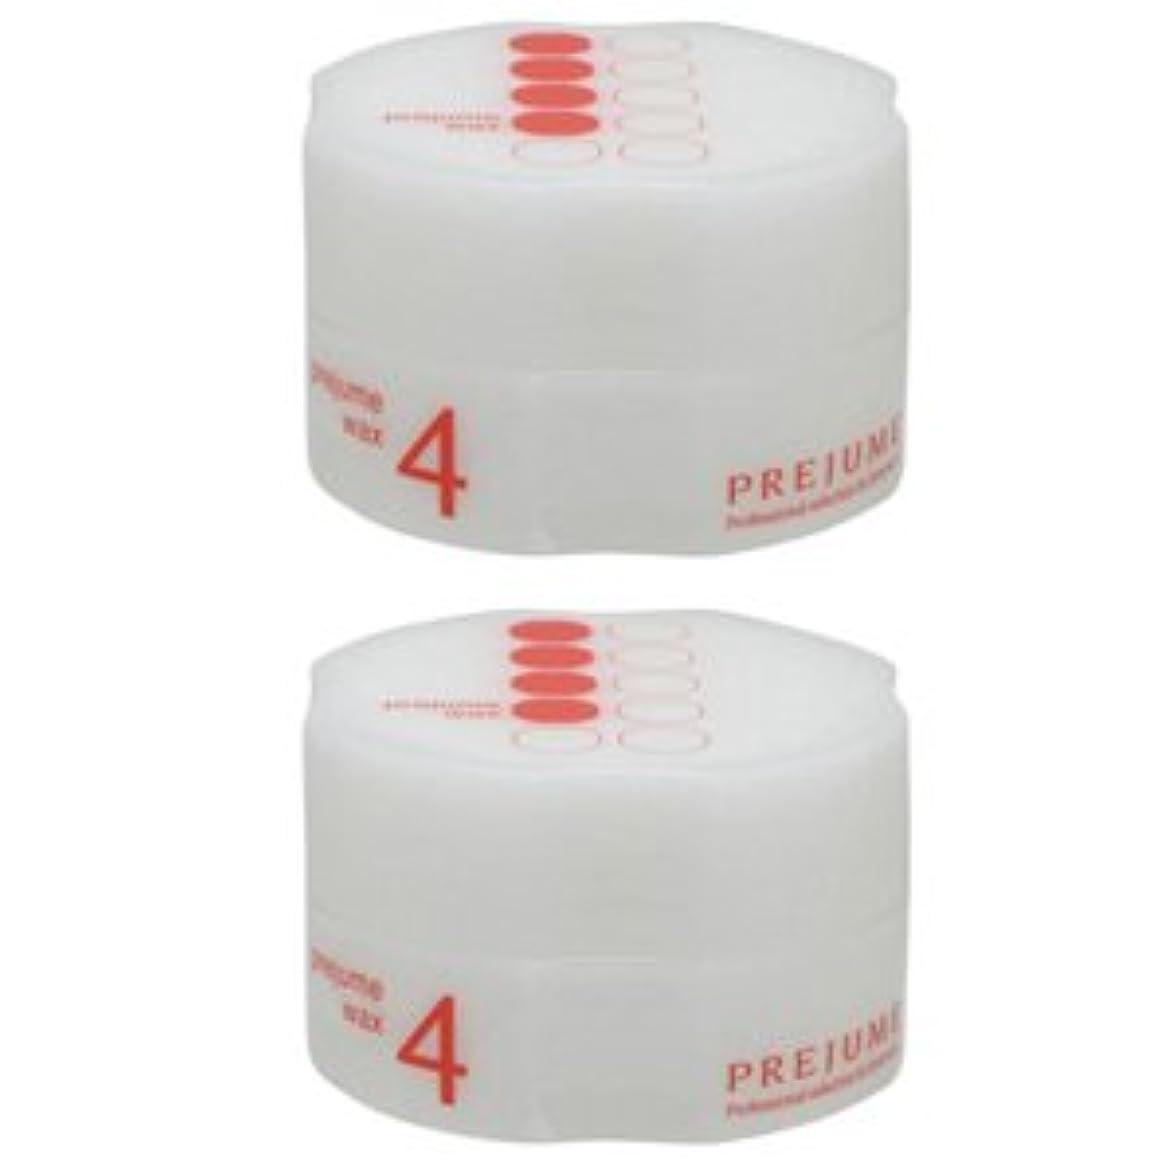 塩辛いも国内の【X2個セット】 ミルボン プレジュームワックス4 90g